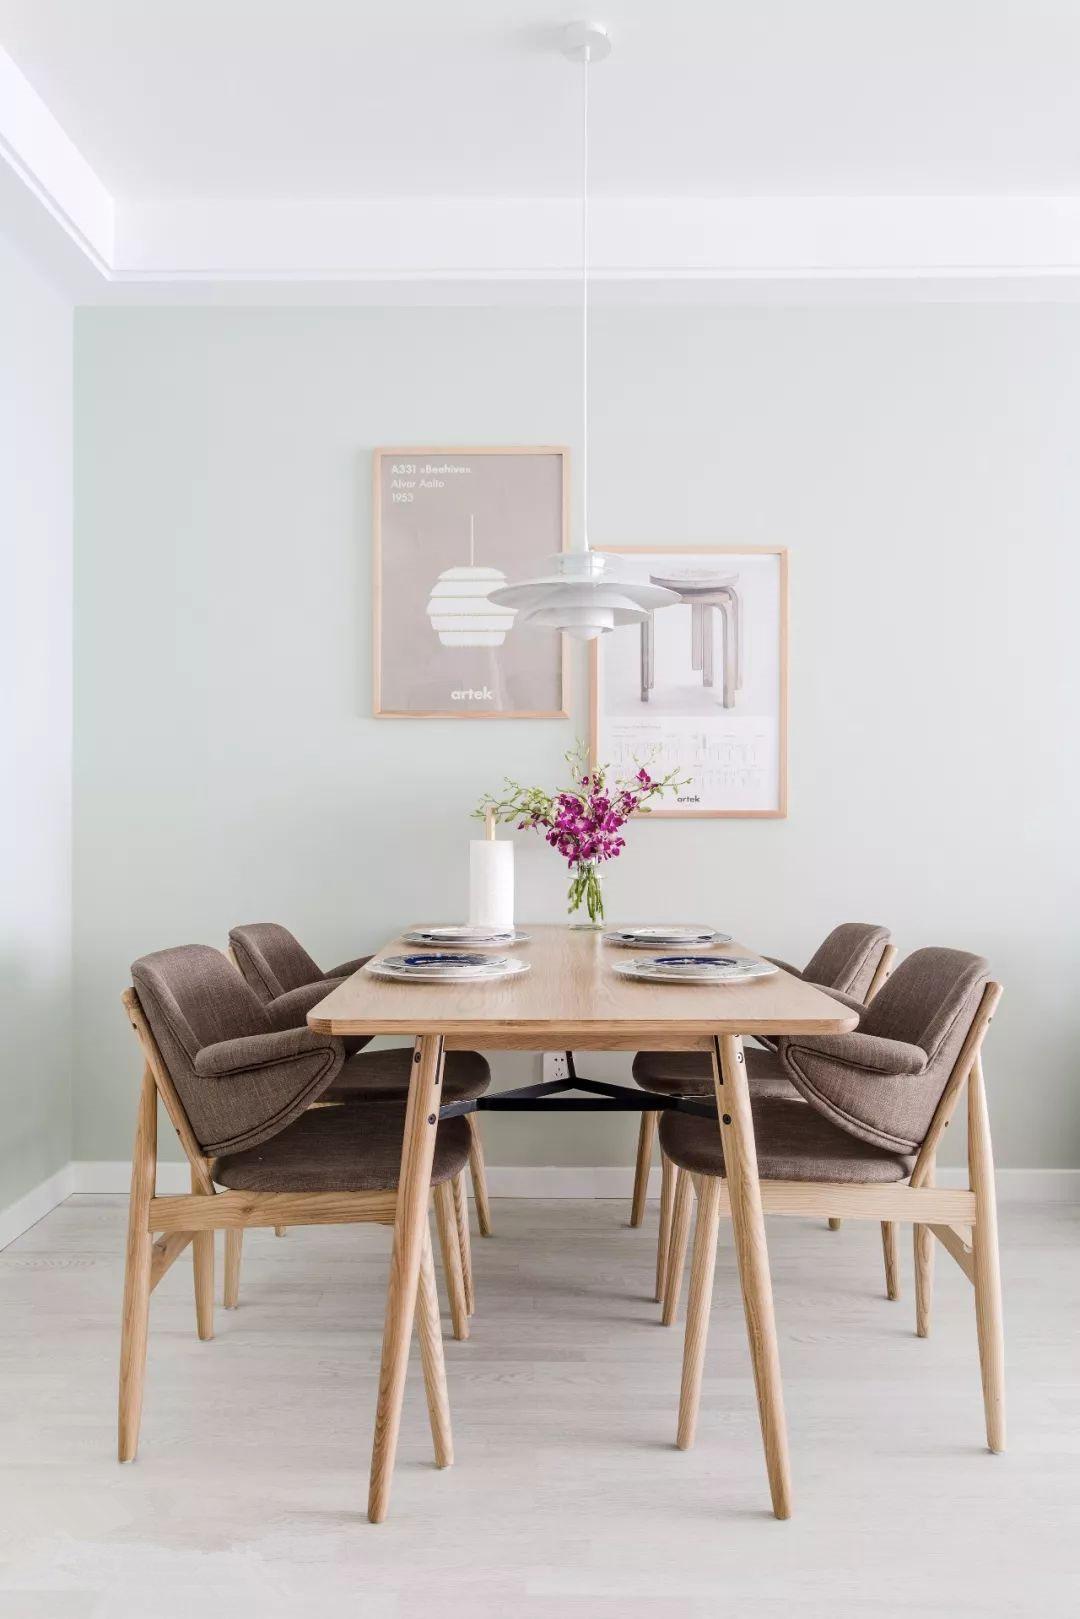 餐桌旁的两幅画,既是装饰,更代表了屋主对大师的崇敬。